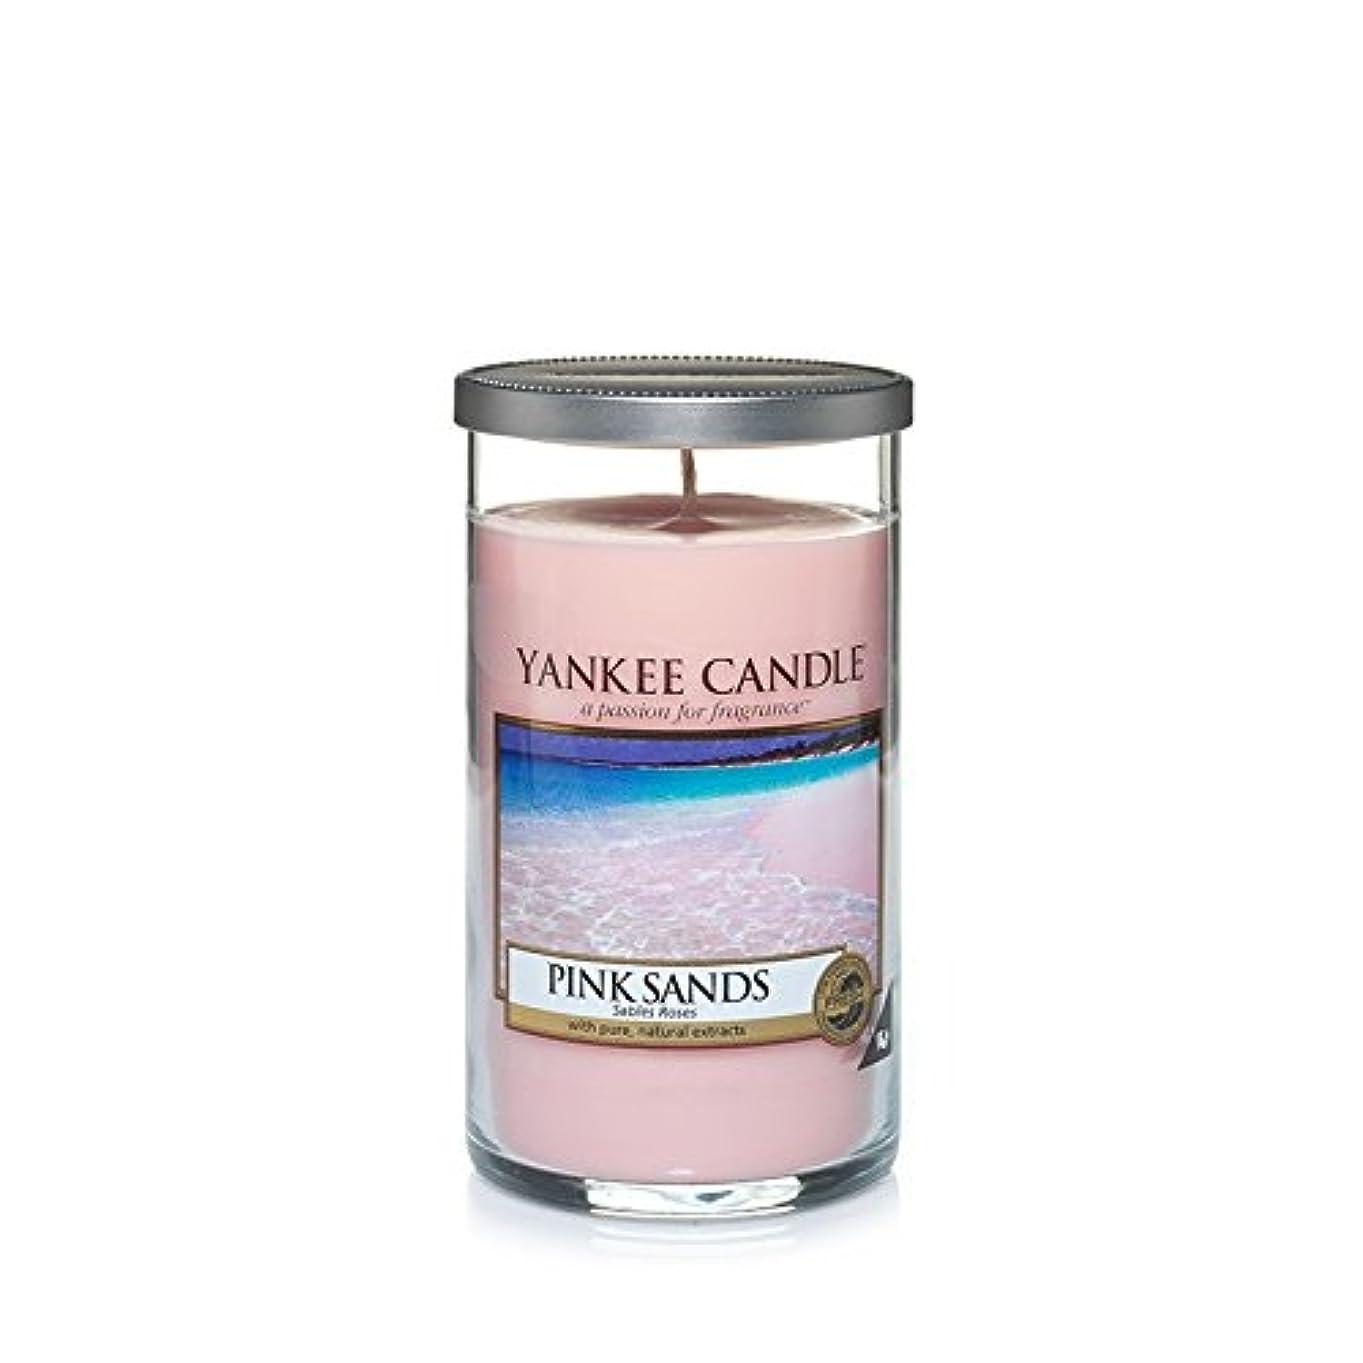 逆説証明するにぎやかYankee Candles Medium Pillar Candle - Pink Sands? (Pack of 6) - ヤンキーキャンドルメディアピラーキャンドル - ピンクの砂? (x6) [並行輸入品]